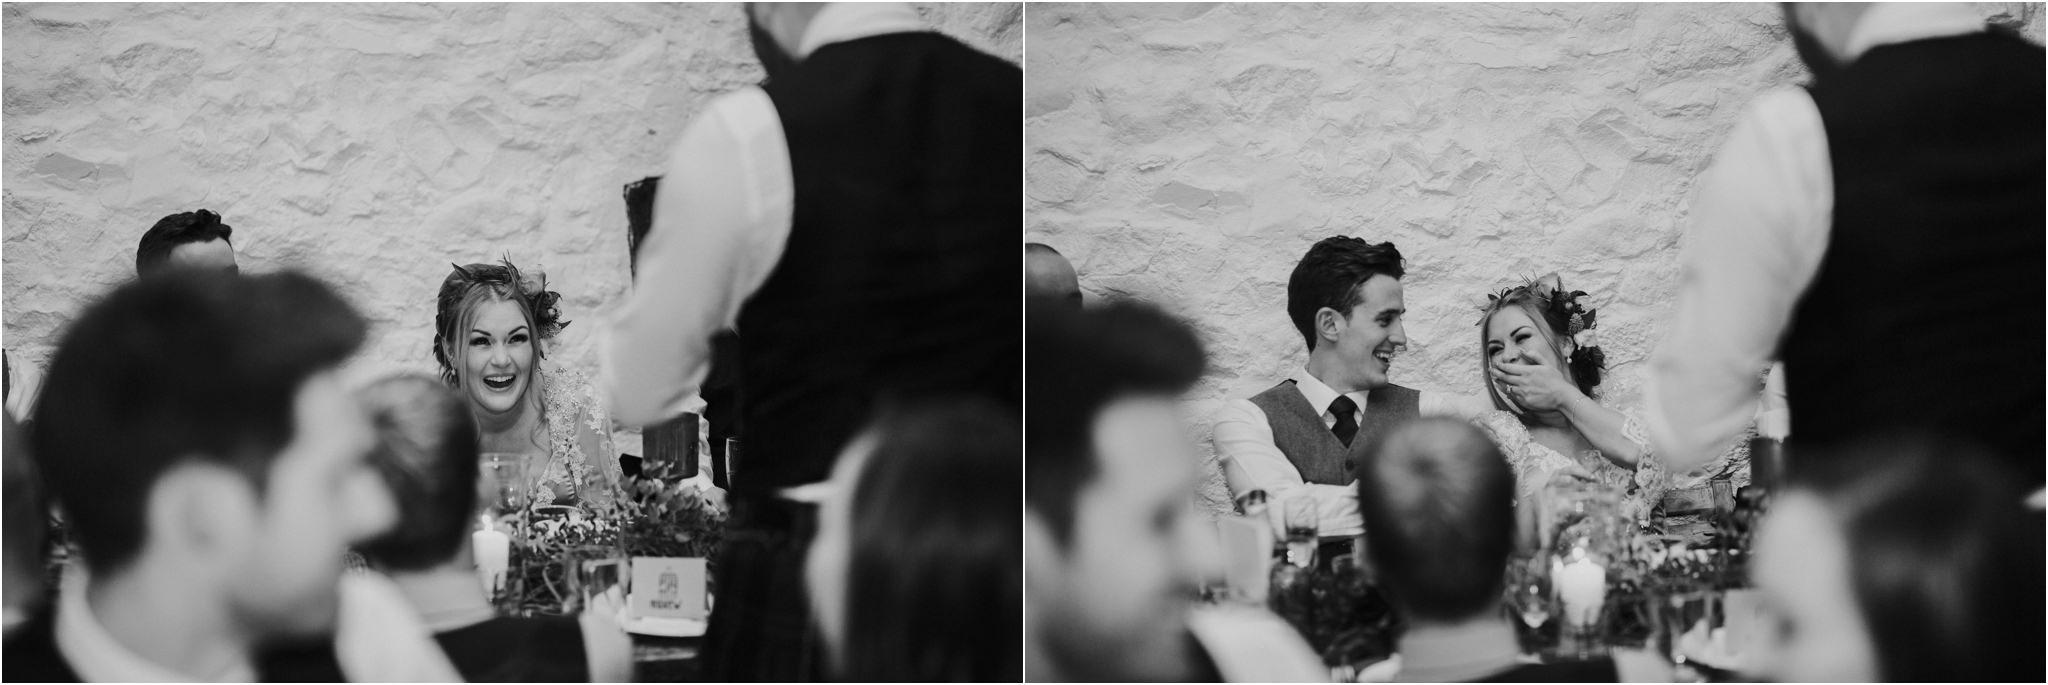 Photography 78 - Glasgow Wedding Photographer - Pete & Eilidh - Dalduff Farm_0097.jpg